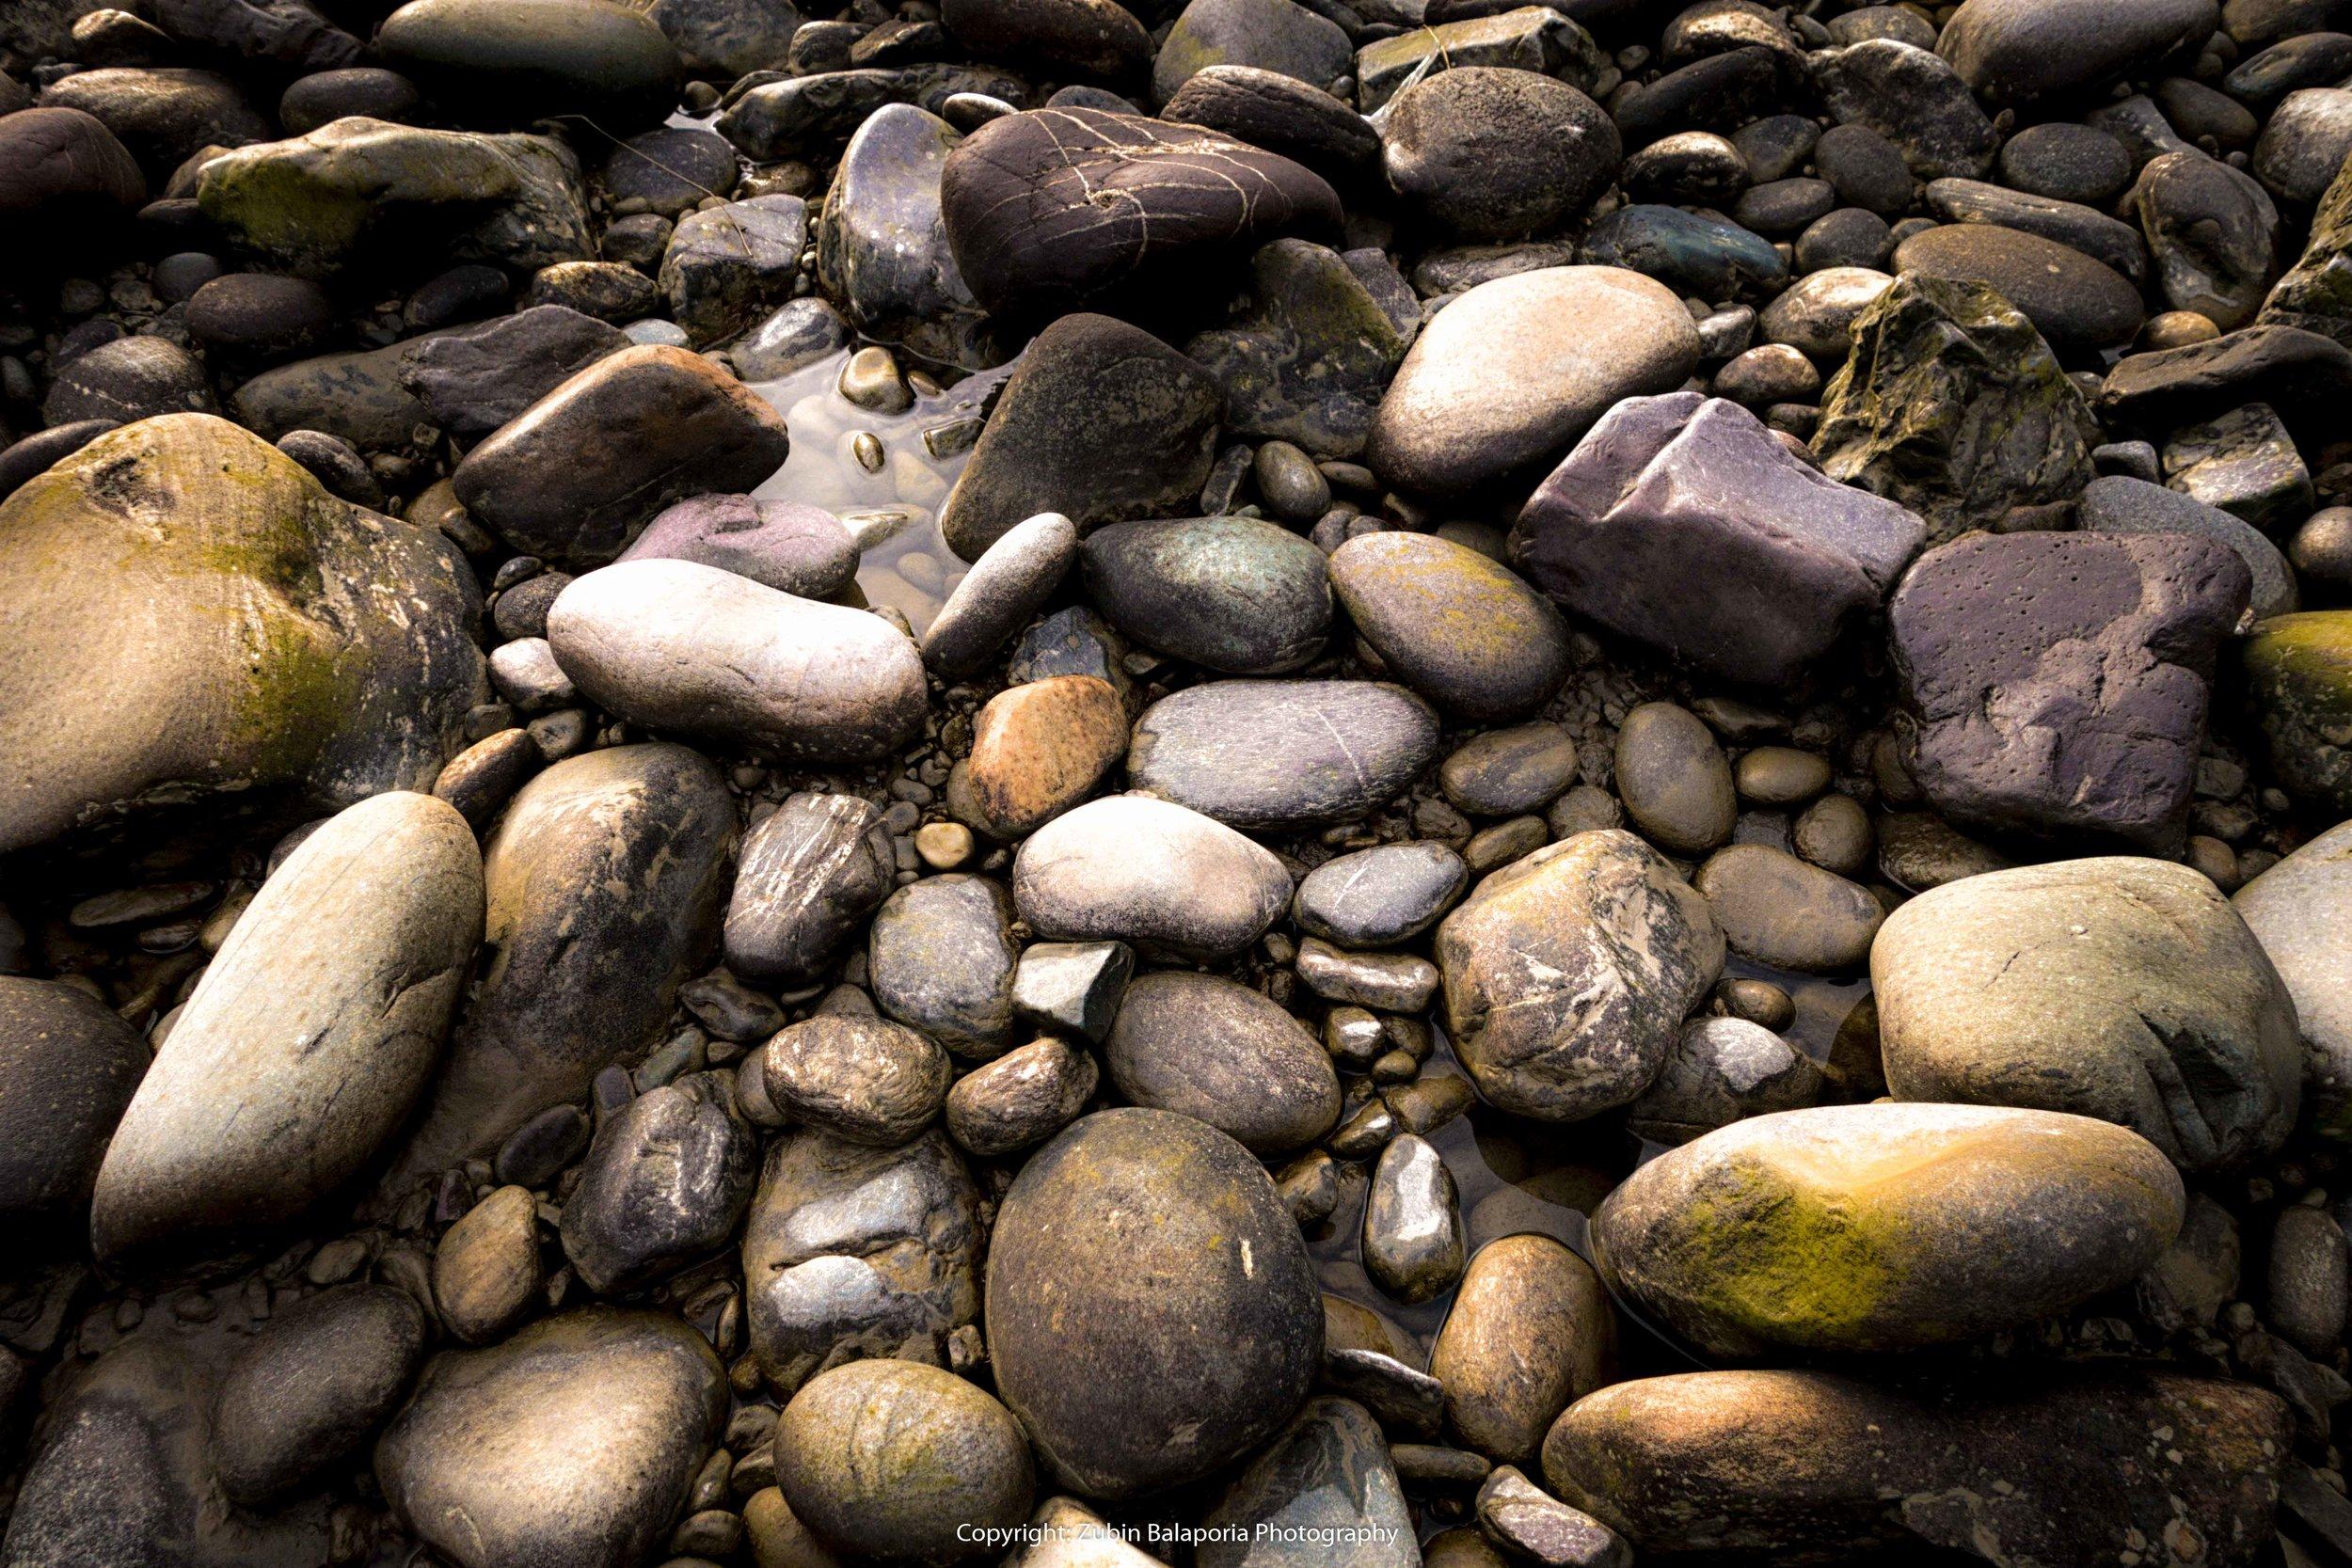 Atali Pebbles & Stones 01A NEW Final.jpg